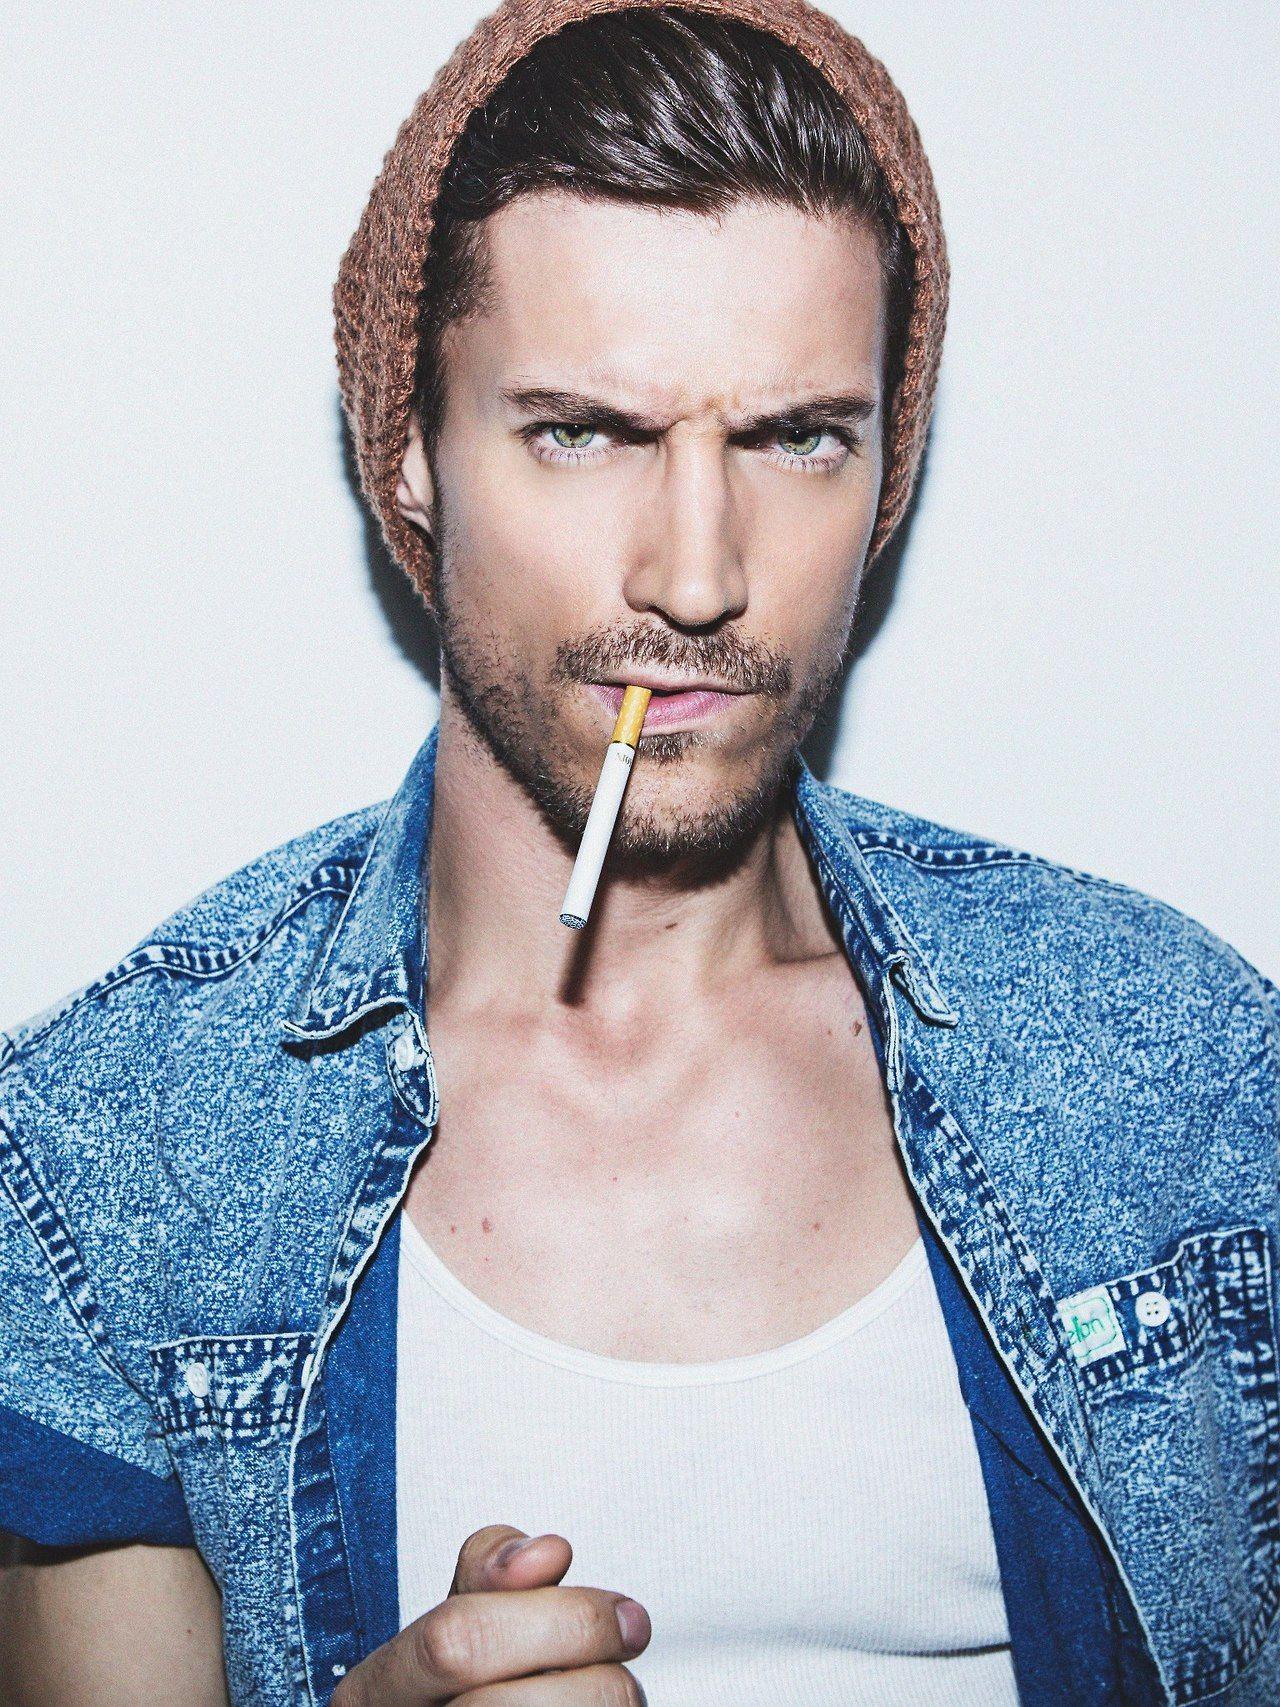 Lil xan nose piercing  Djordje Bogdanovic smoking cigarette DjordjeBogdanovic smoking